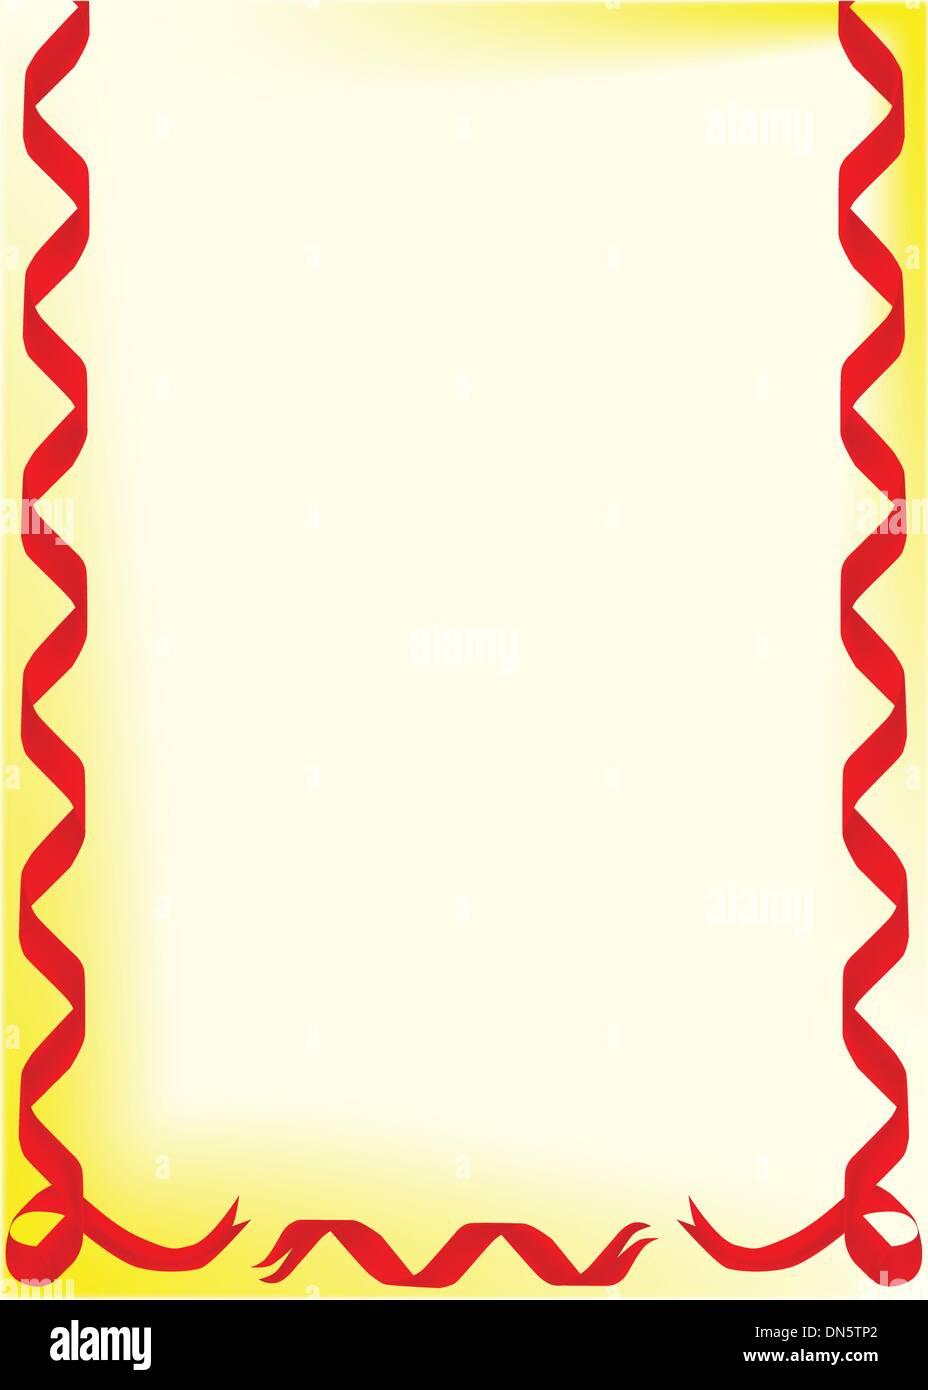 Christmas Page Border.Christmas Page Border Stock Vector Art Illustration